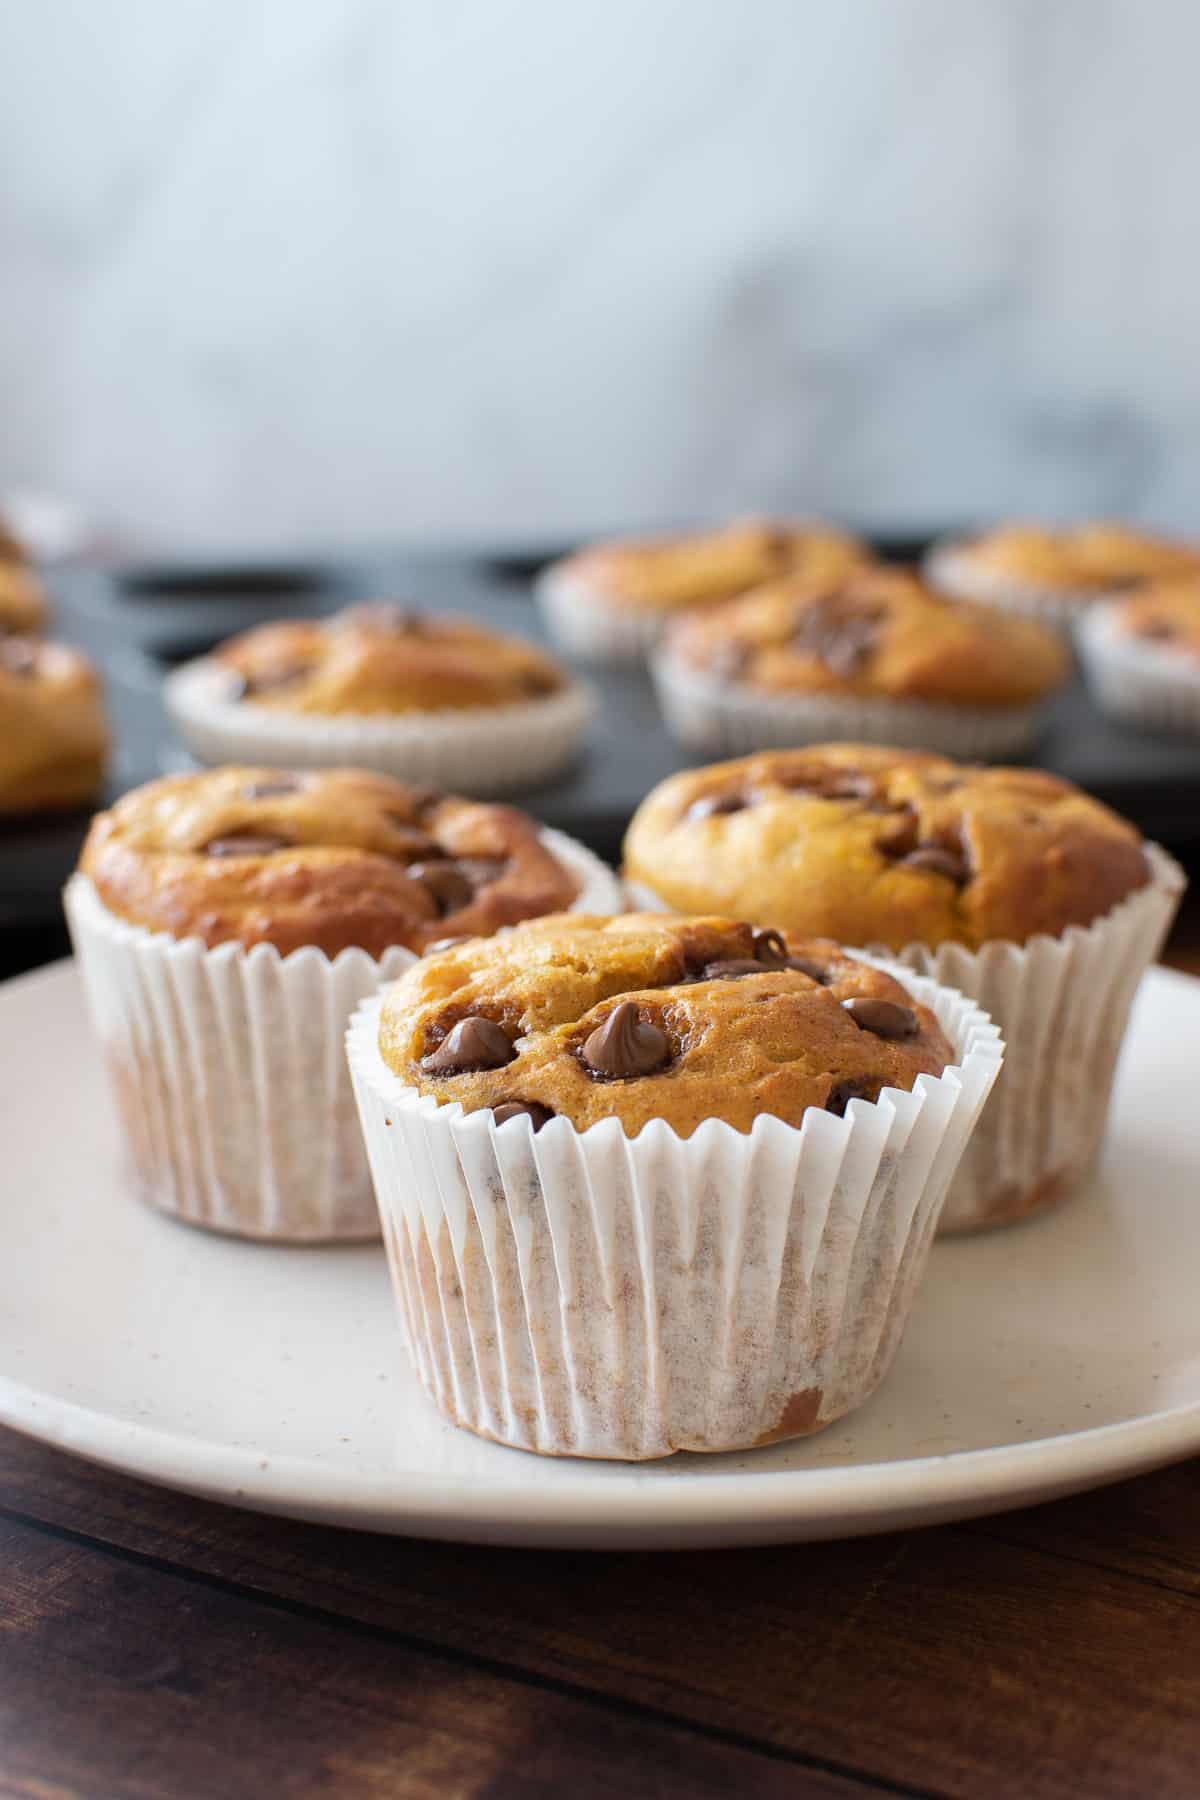 Pumpkin muffins on a plate.